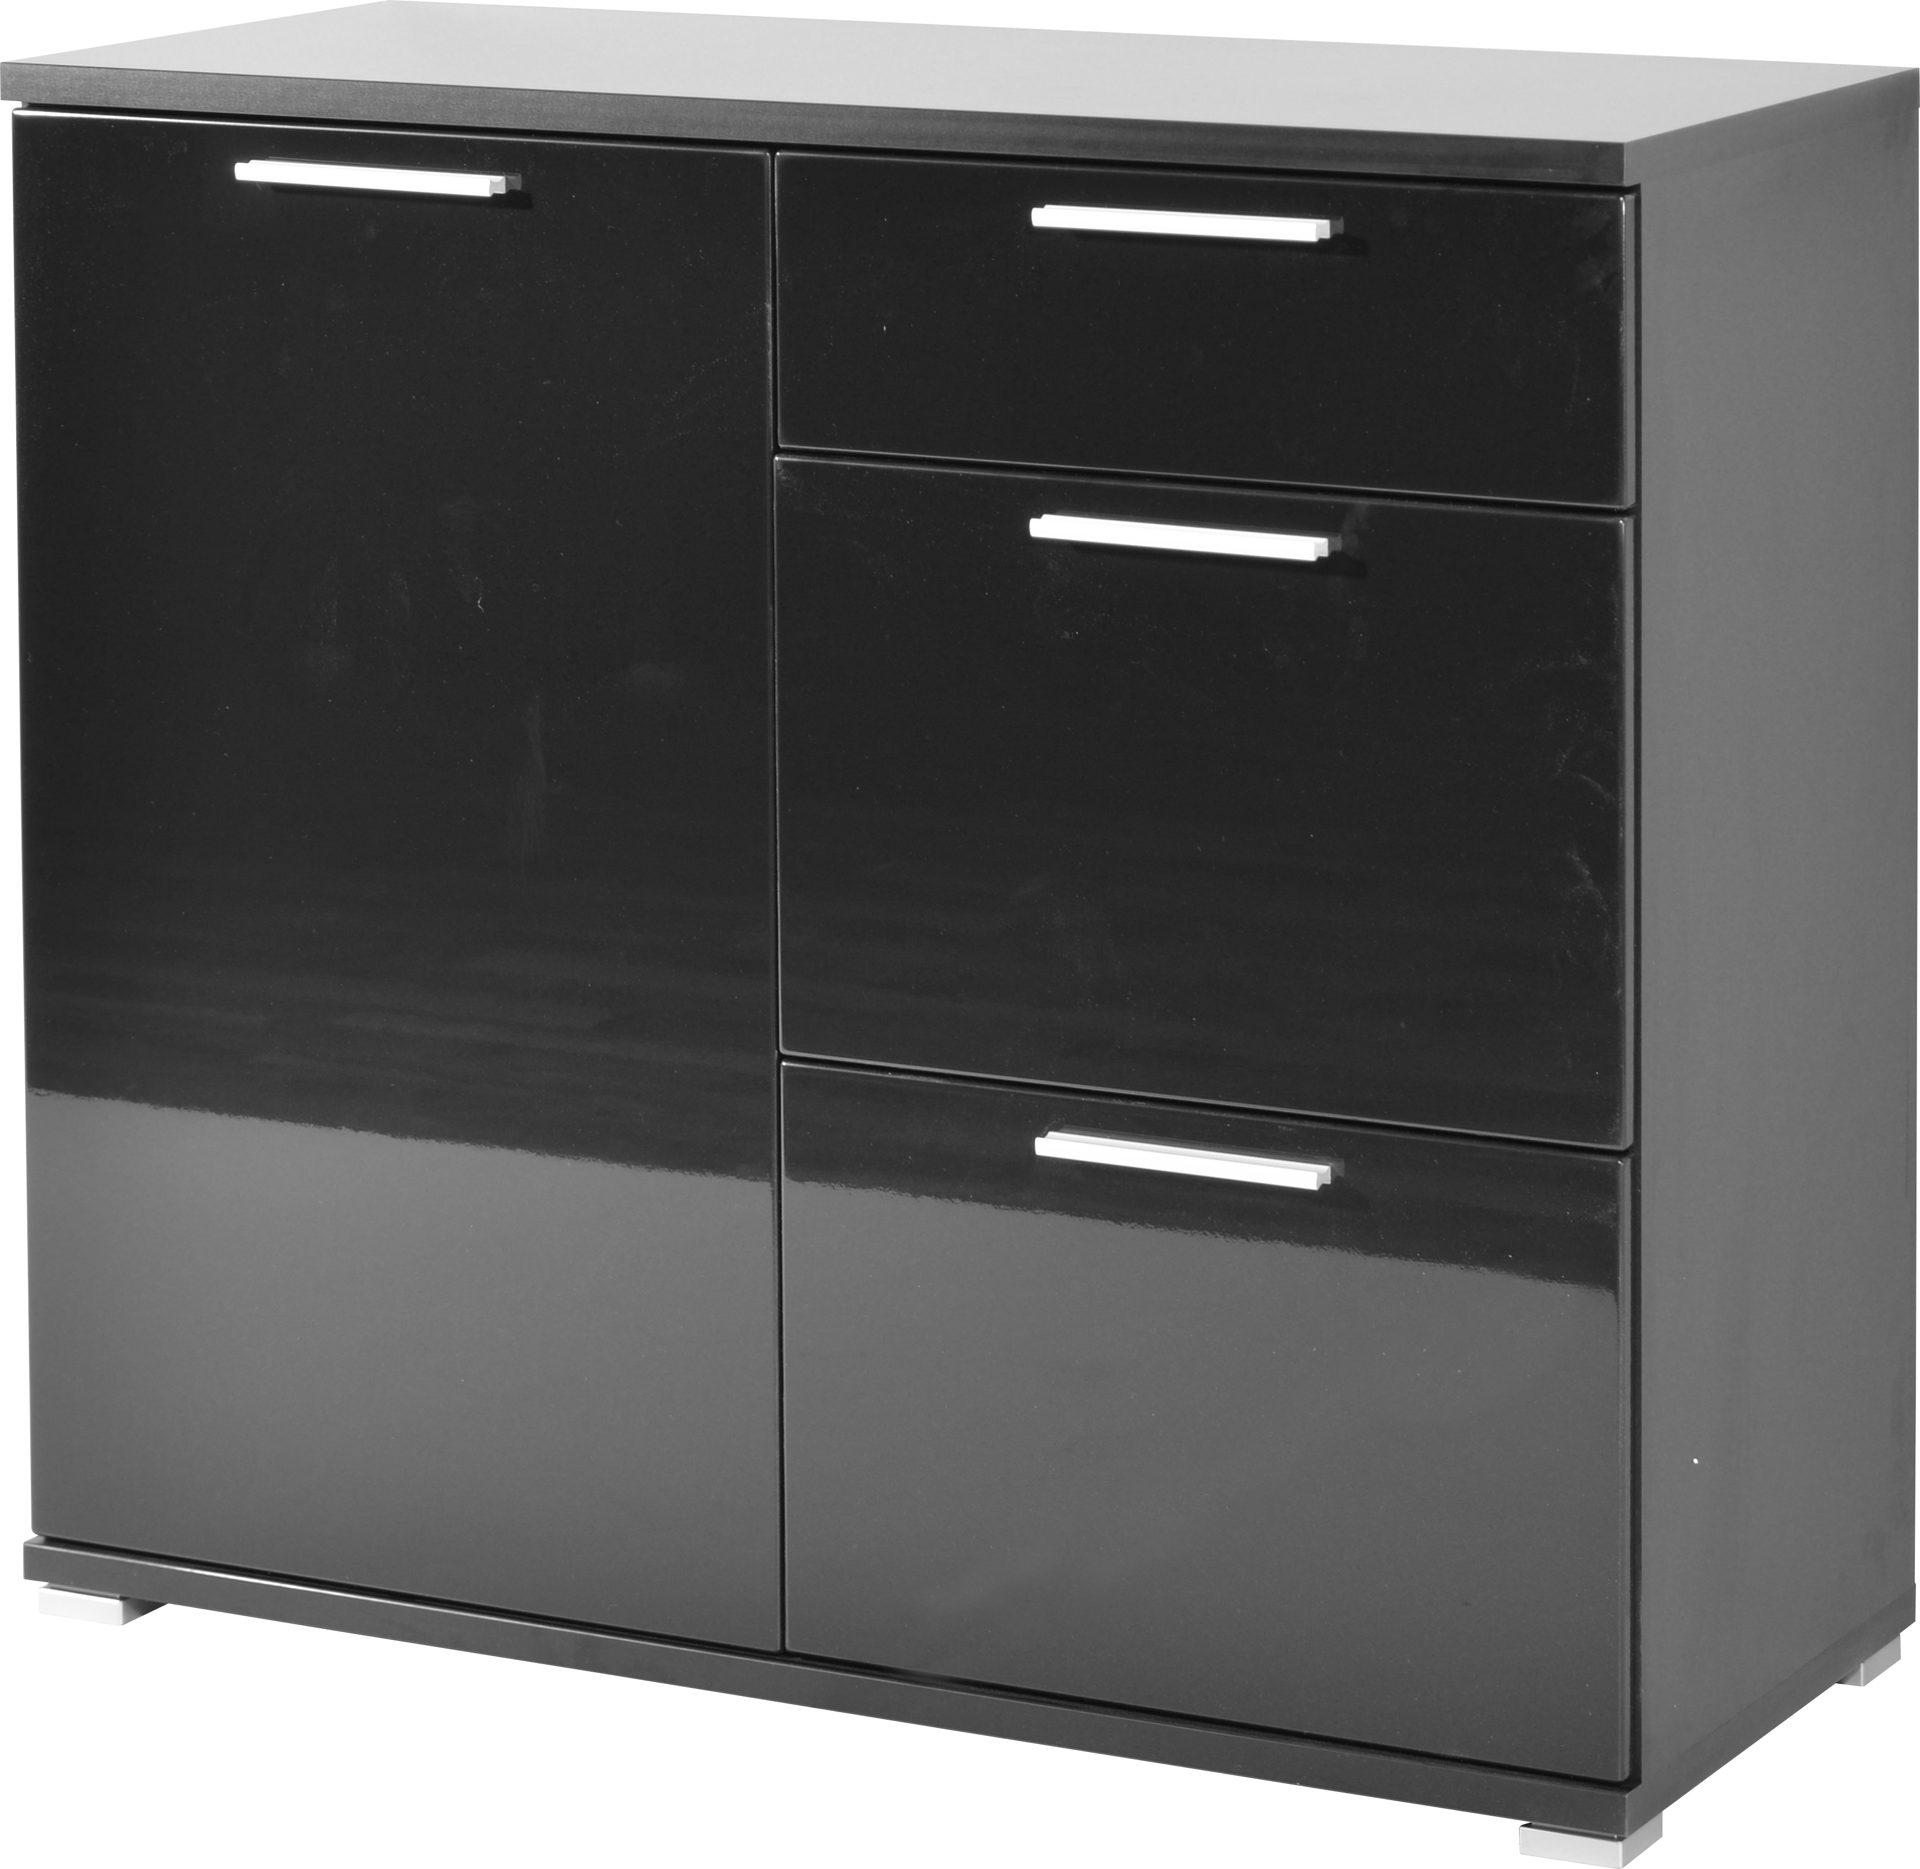 Kommode schwarz holz  Kommode Almeria als stilvolles Sideboard , schwarze Kunststoff ...